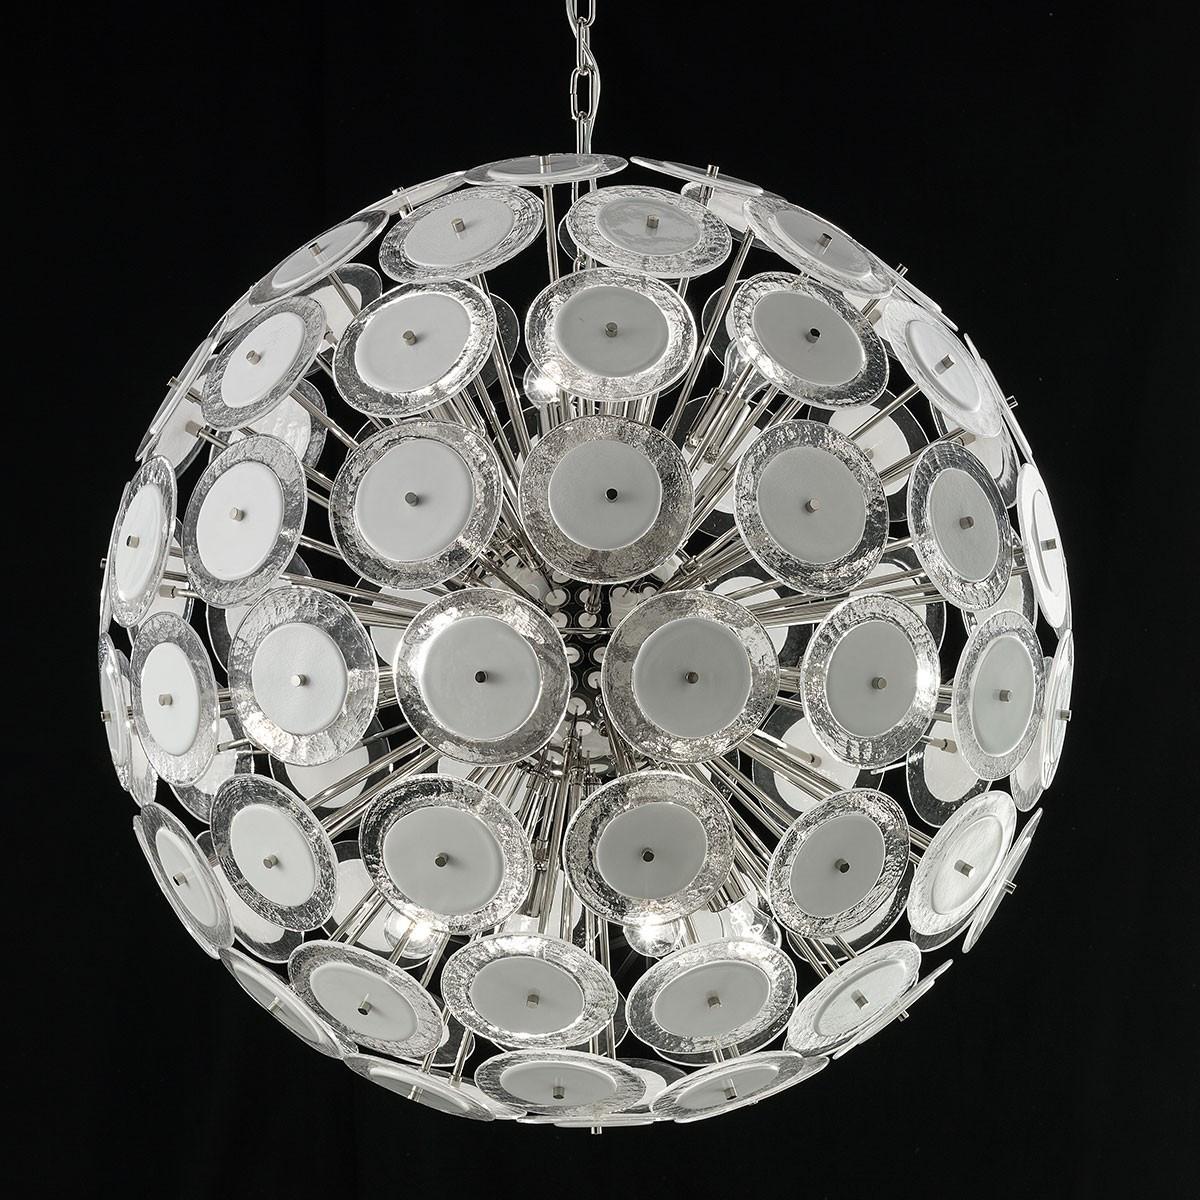 """""""Globo"""" lampara de araña de Murano - 12 luces - blanco y niquel"""